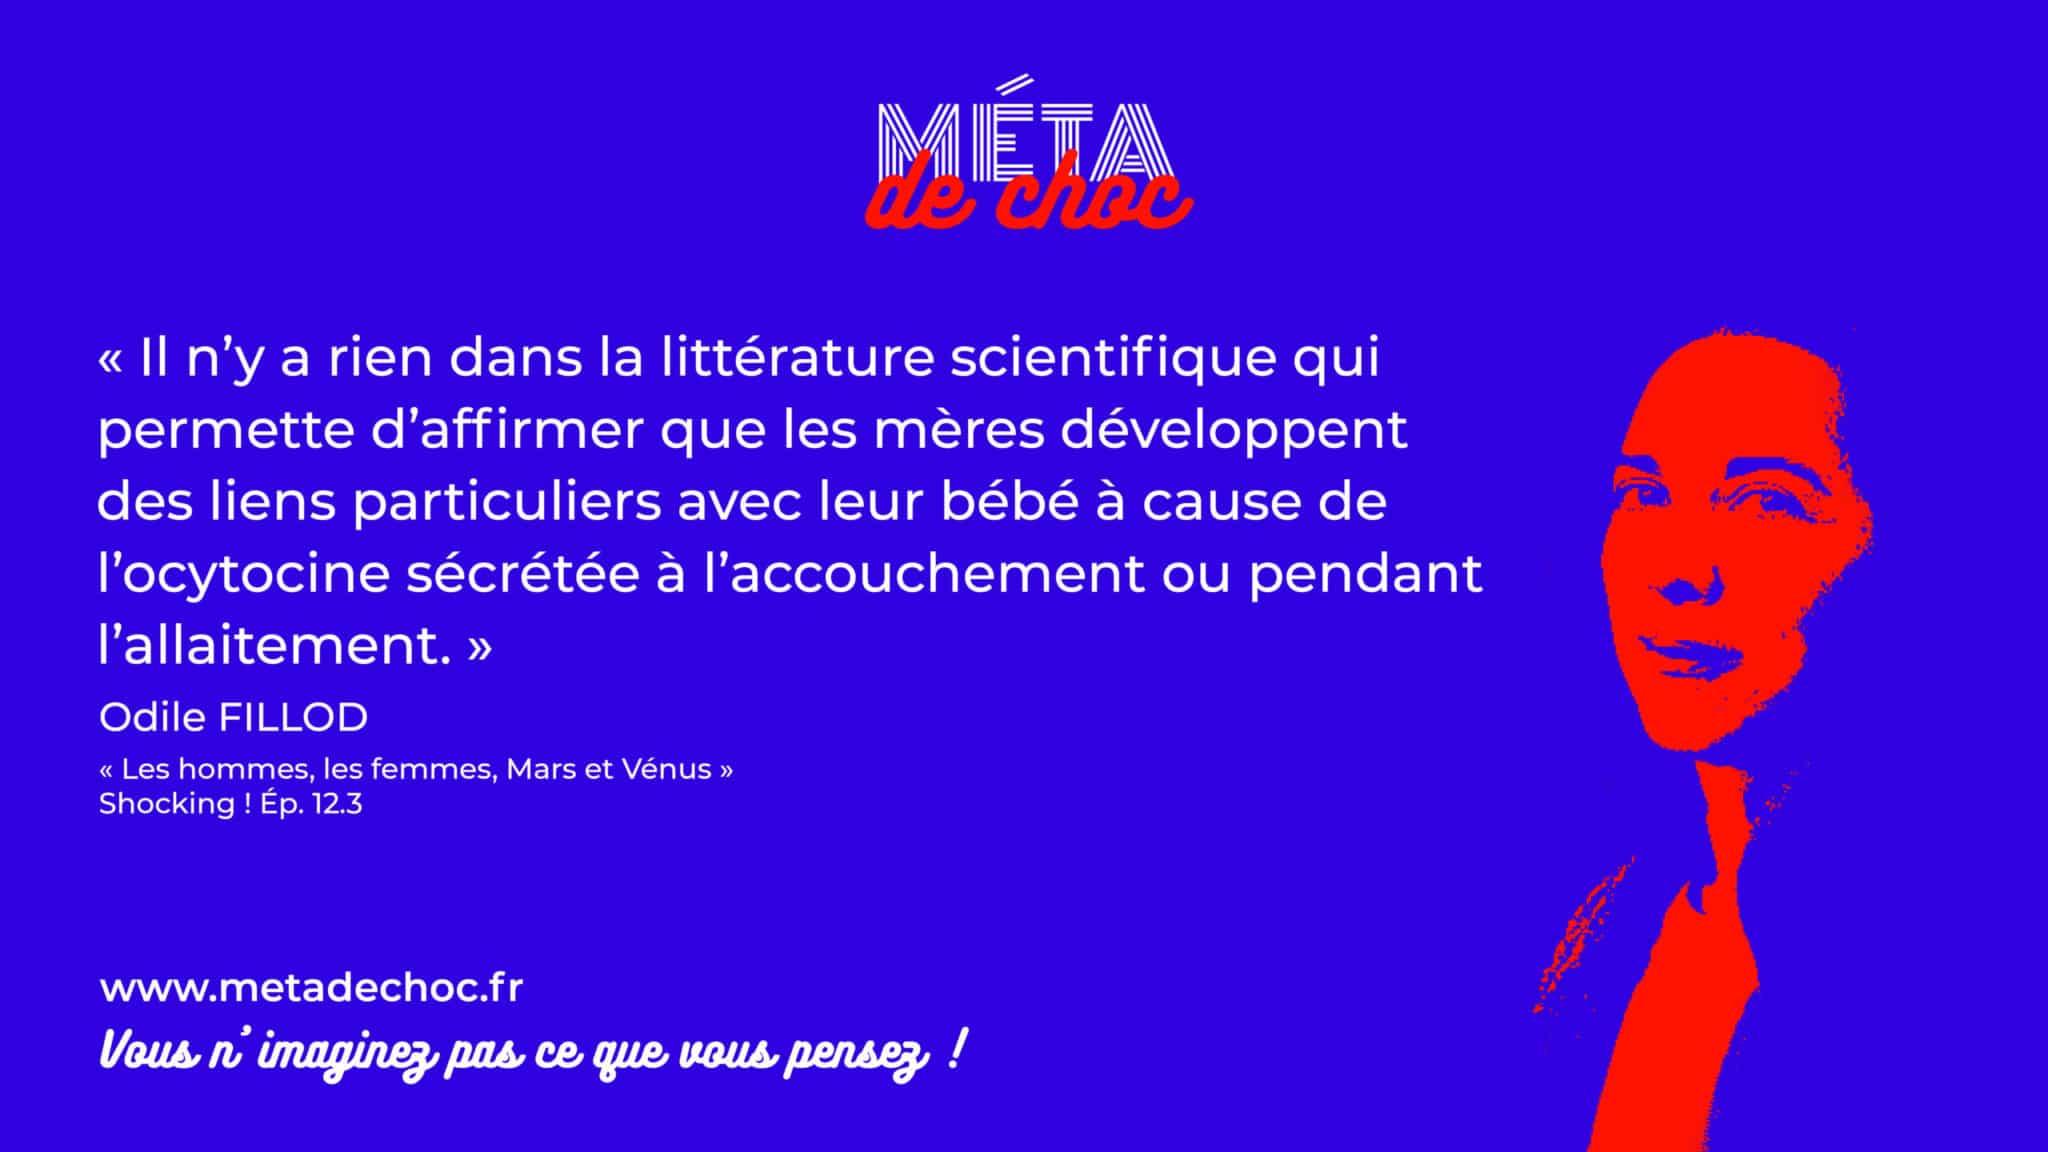 Thème du mème :  | Citation :  | Auteur.rice : Odile Fillod | Émission : Les hommes, les femmes, Mars et Vénus | Image d'illustration :